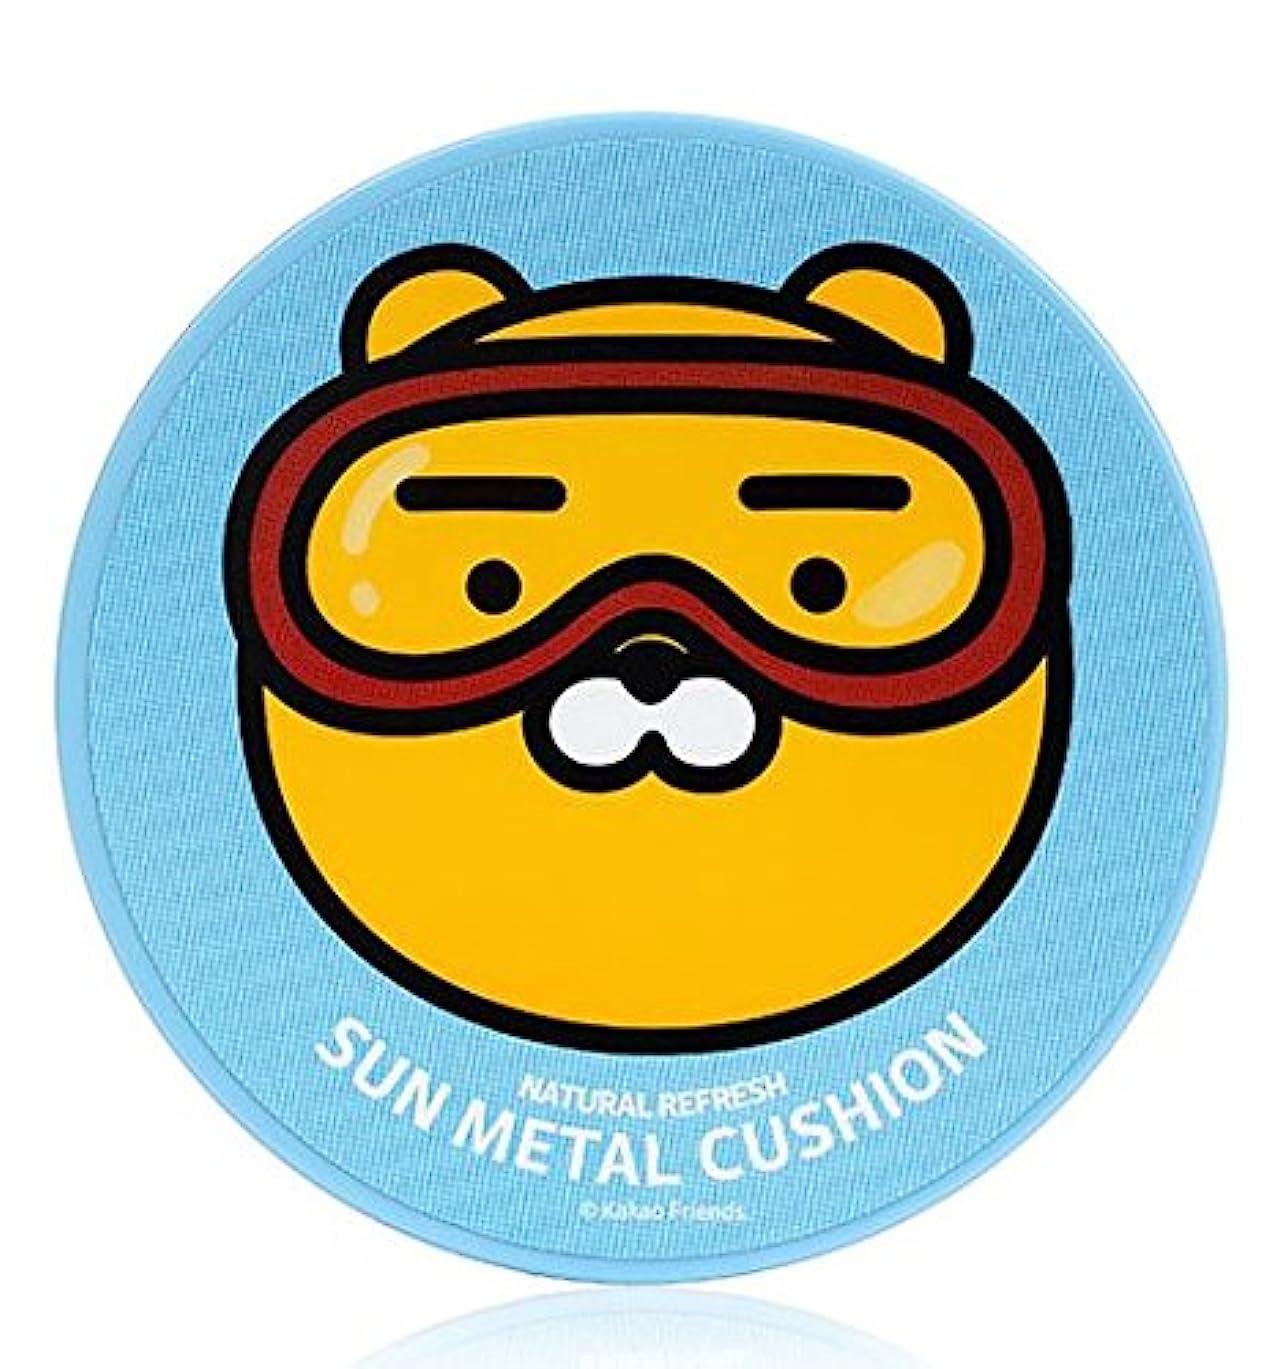 バタフライ欠かせない殺人者On:the body*Kakao Natural Refresh Sun Metal Cushion 15g SPF50+/PA+++ [並行輸入品]